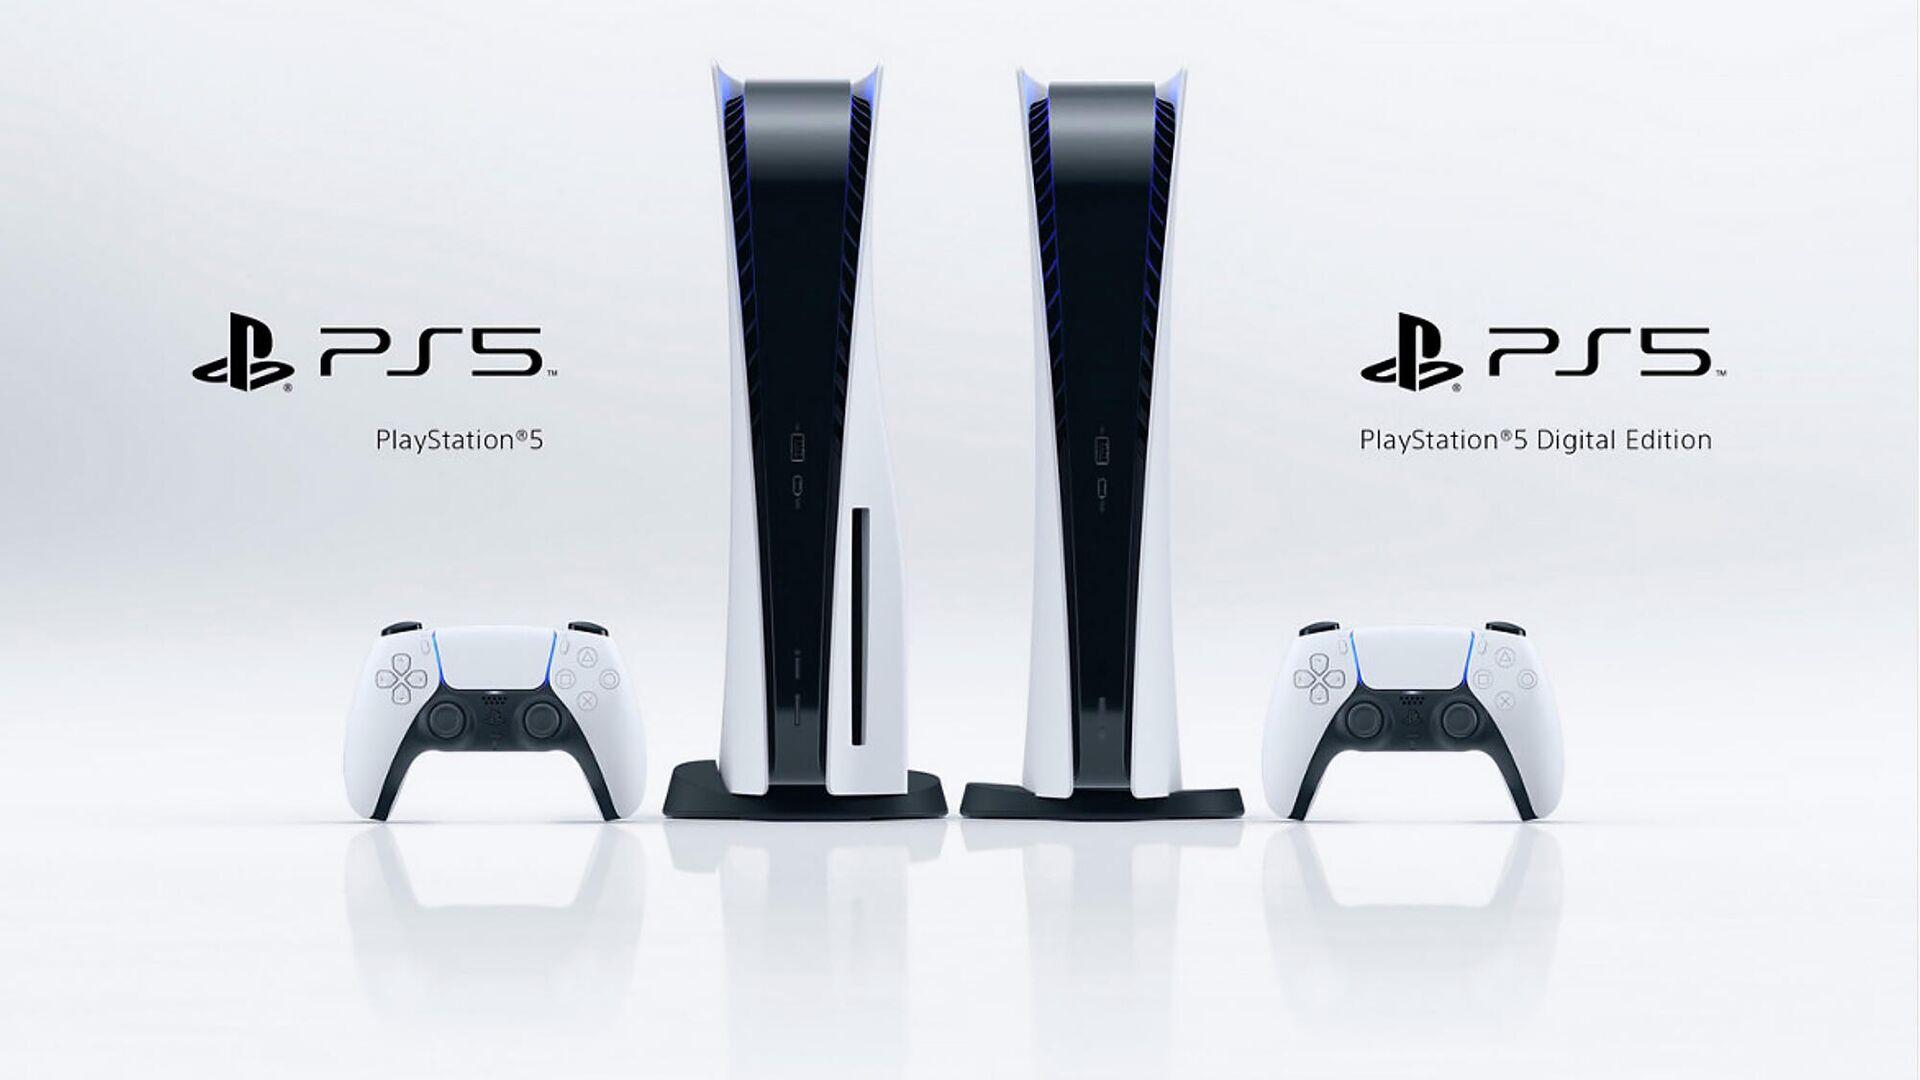 Геймеры пожаловались на многочисленные проблемы приставки PlayStation 5